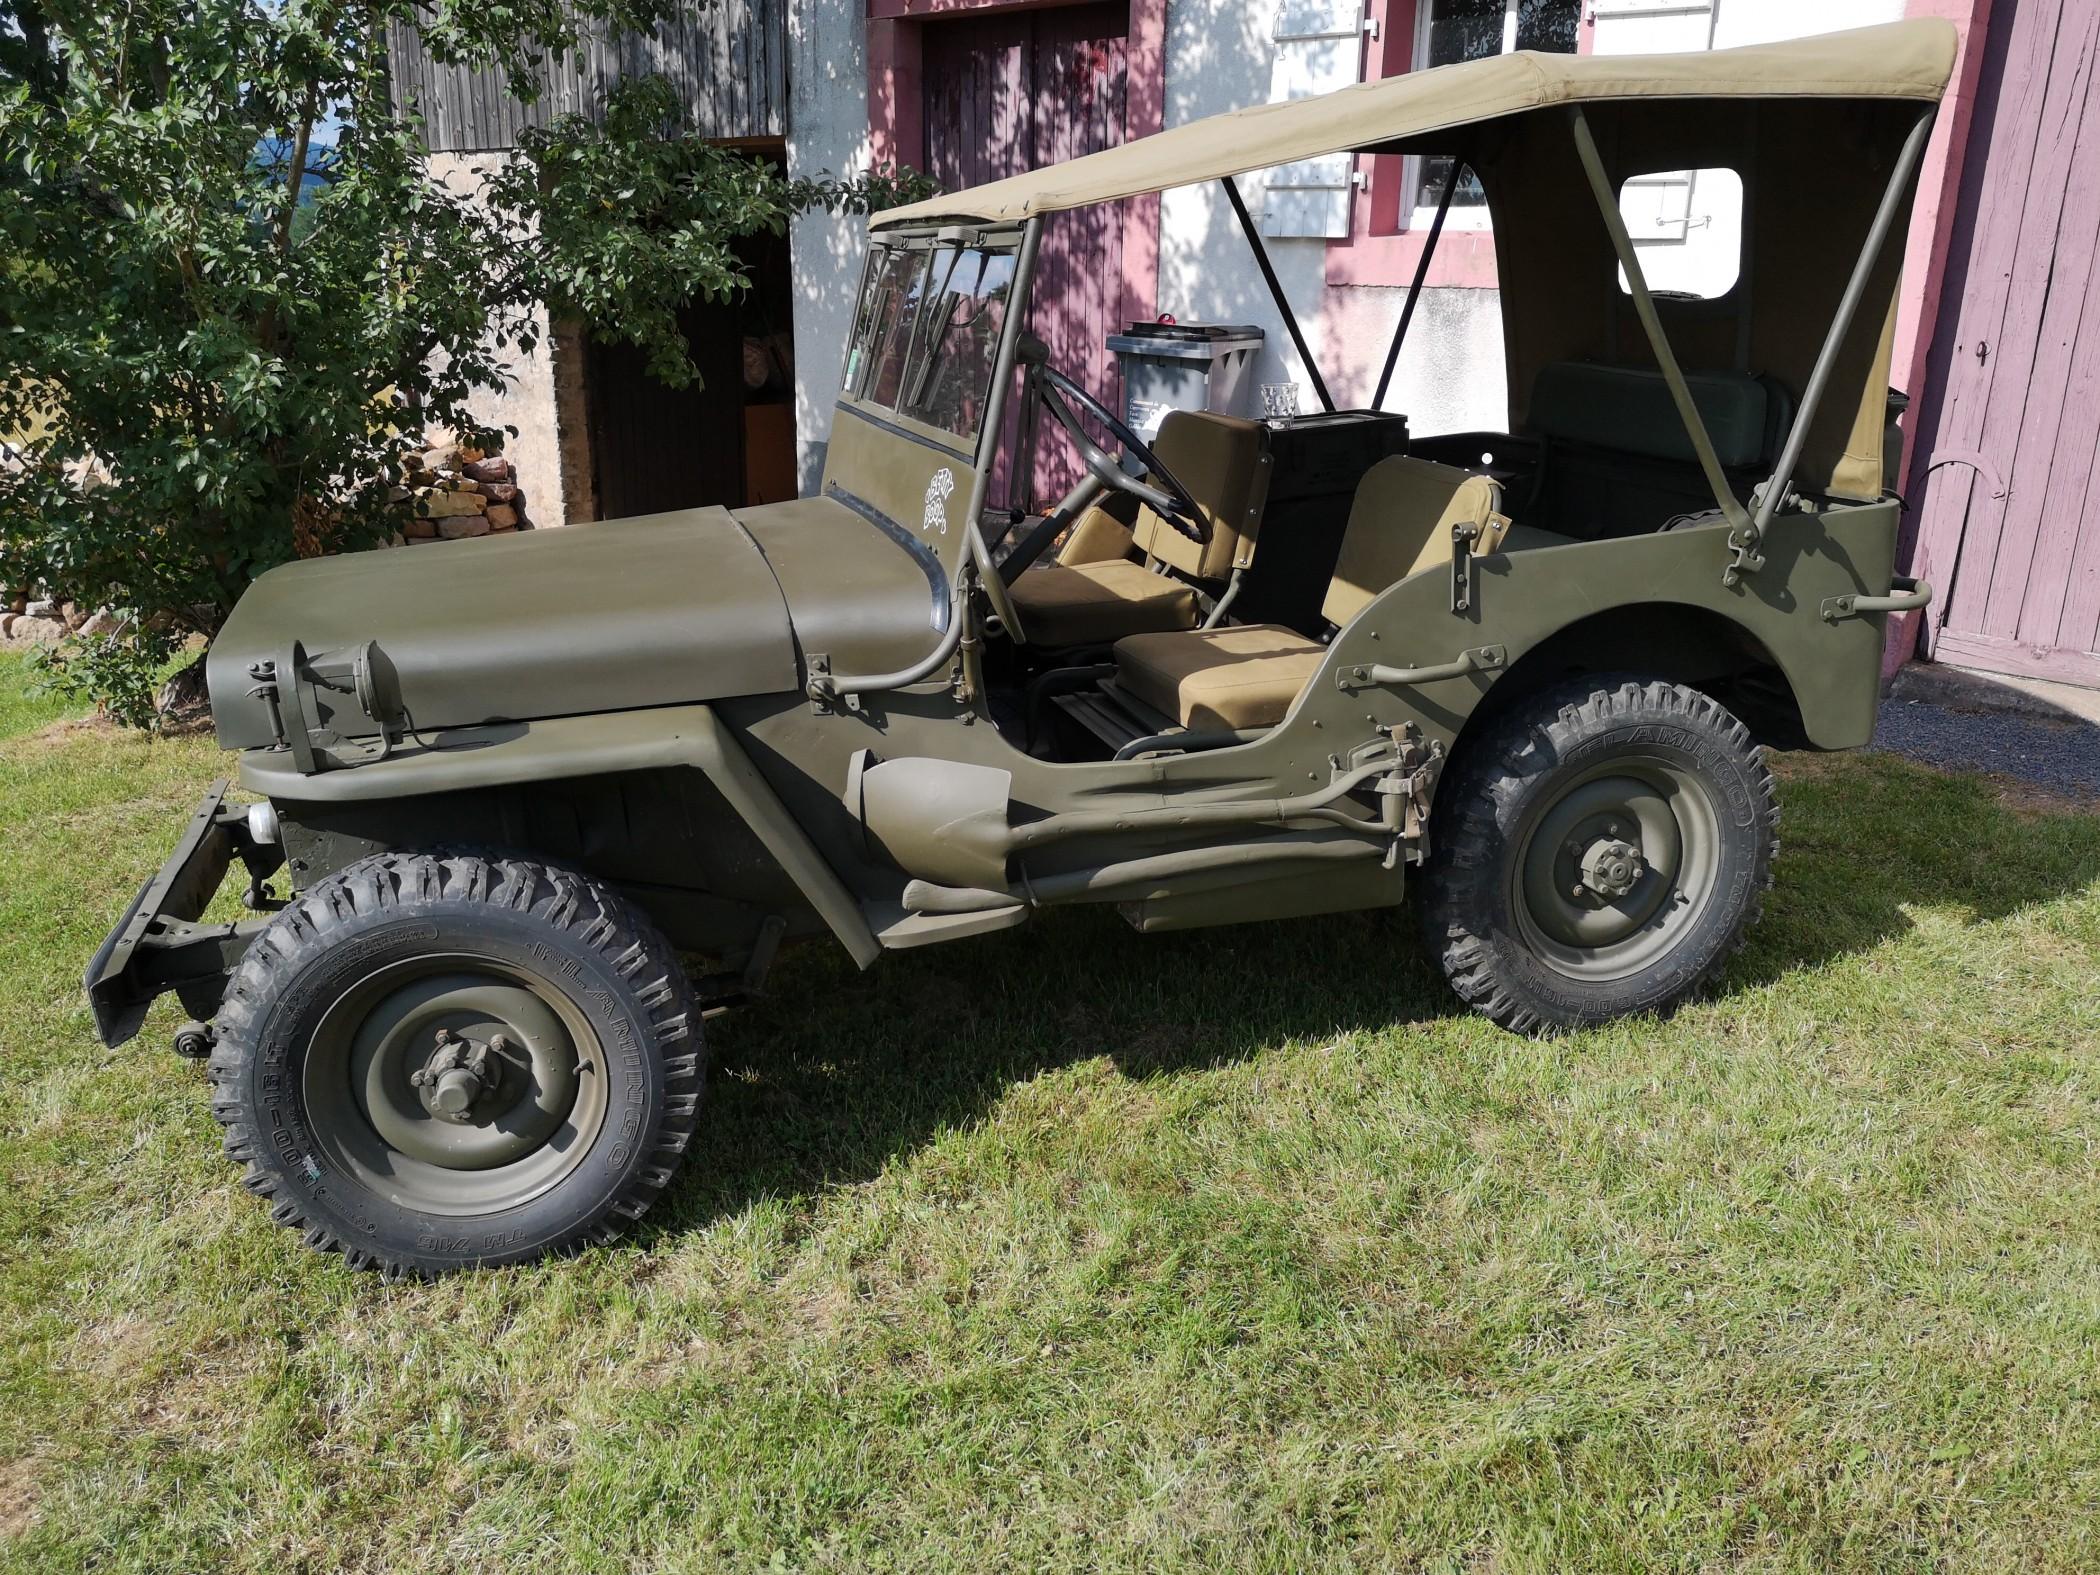 HOTCHKISS M201 Jeep - 1962